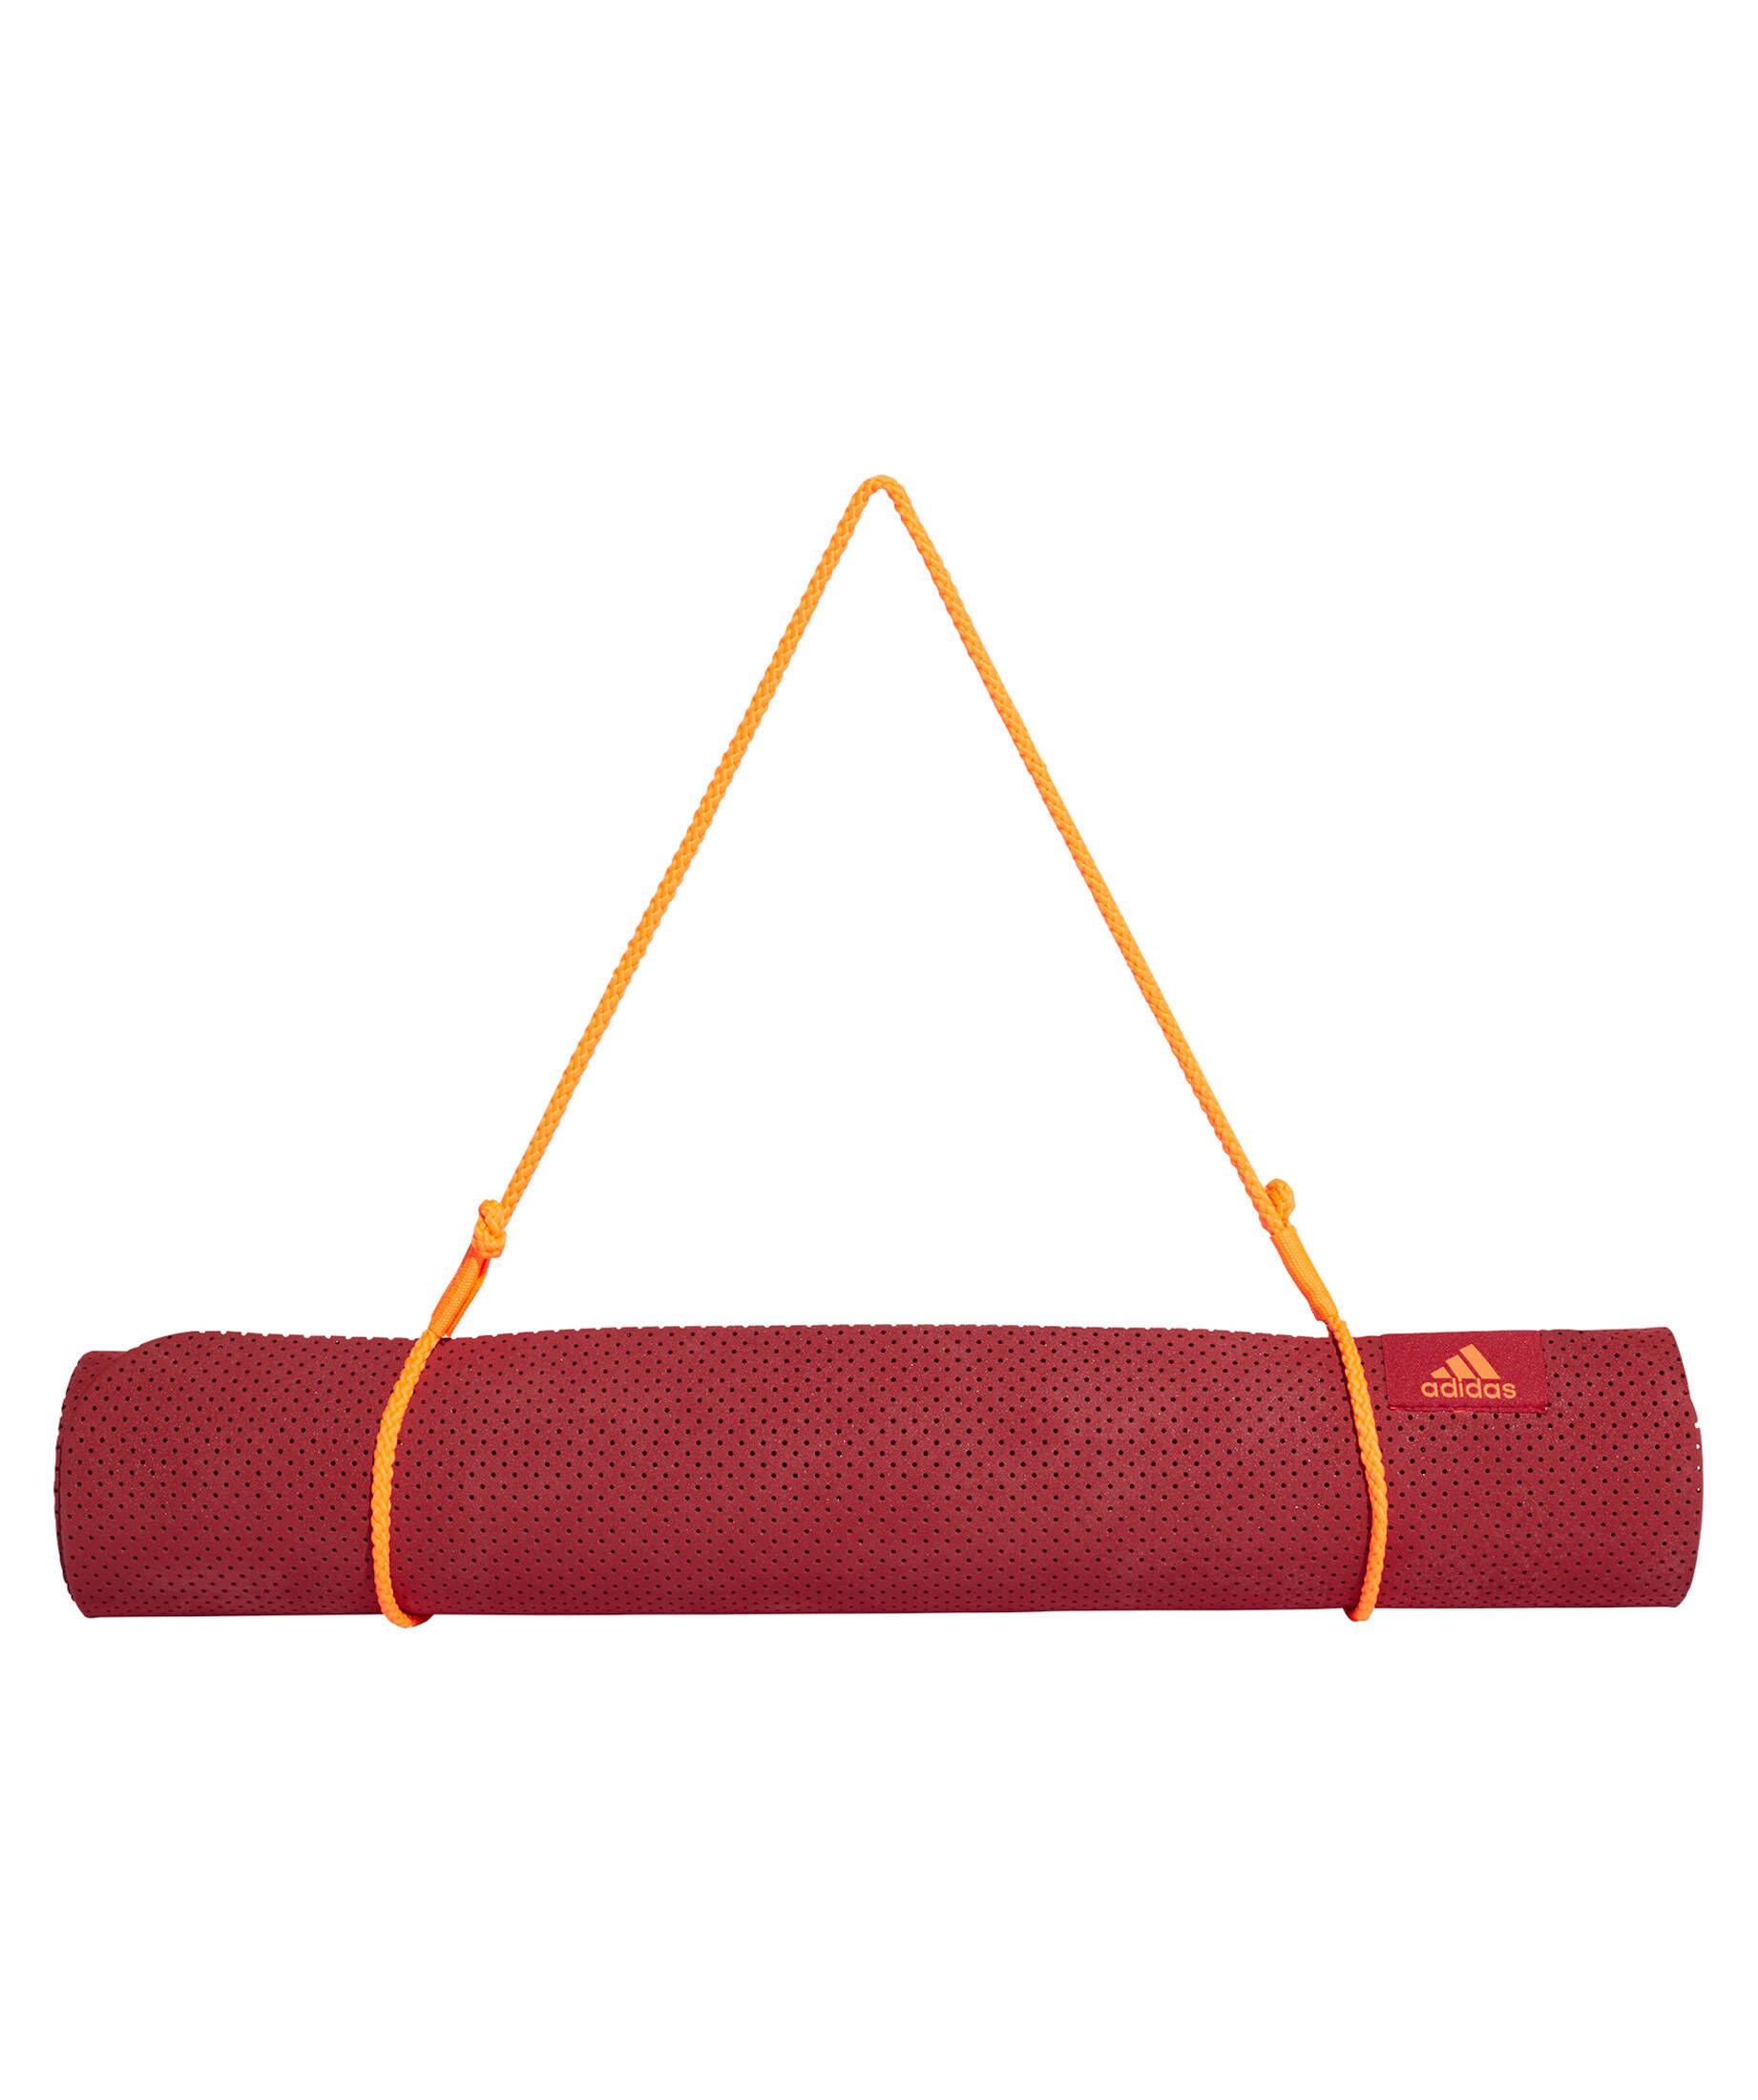 Suchergebnis auf für: pilates oder yoga adidas